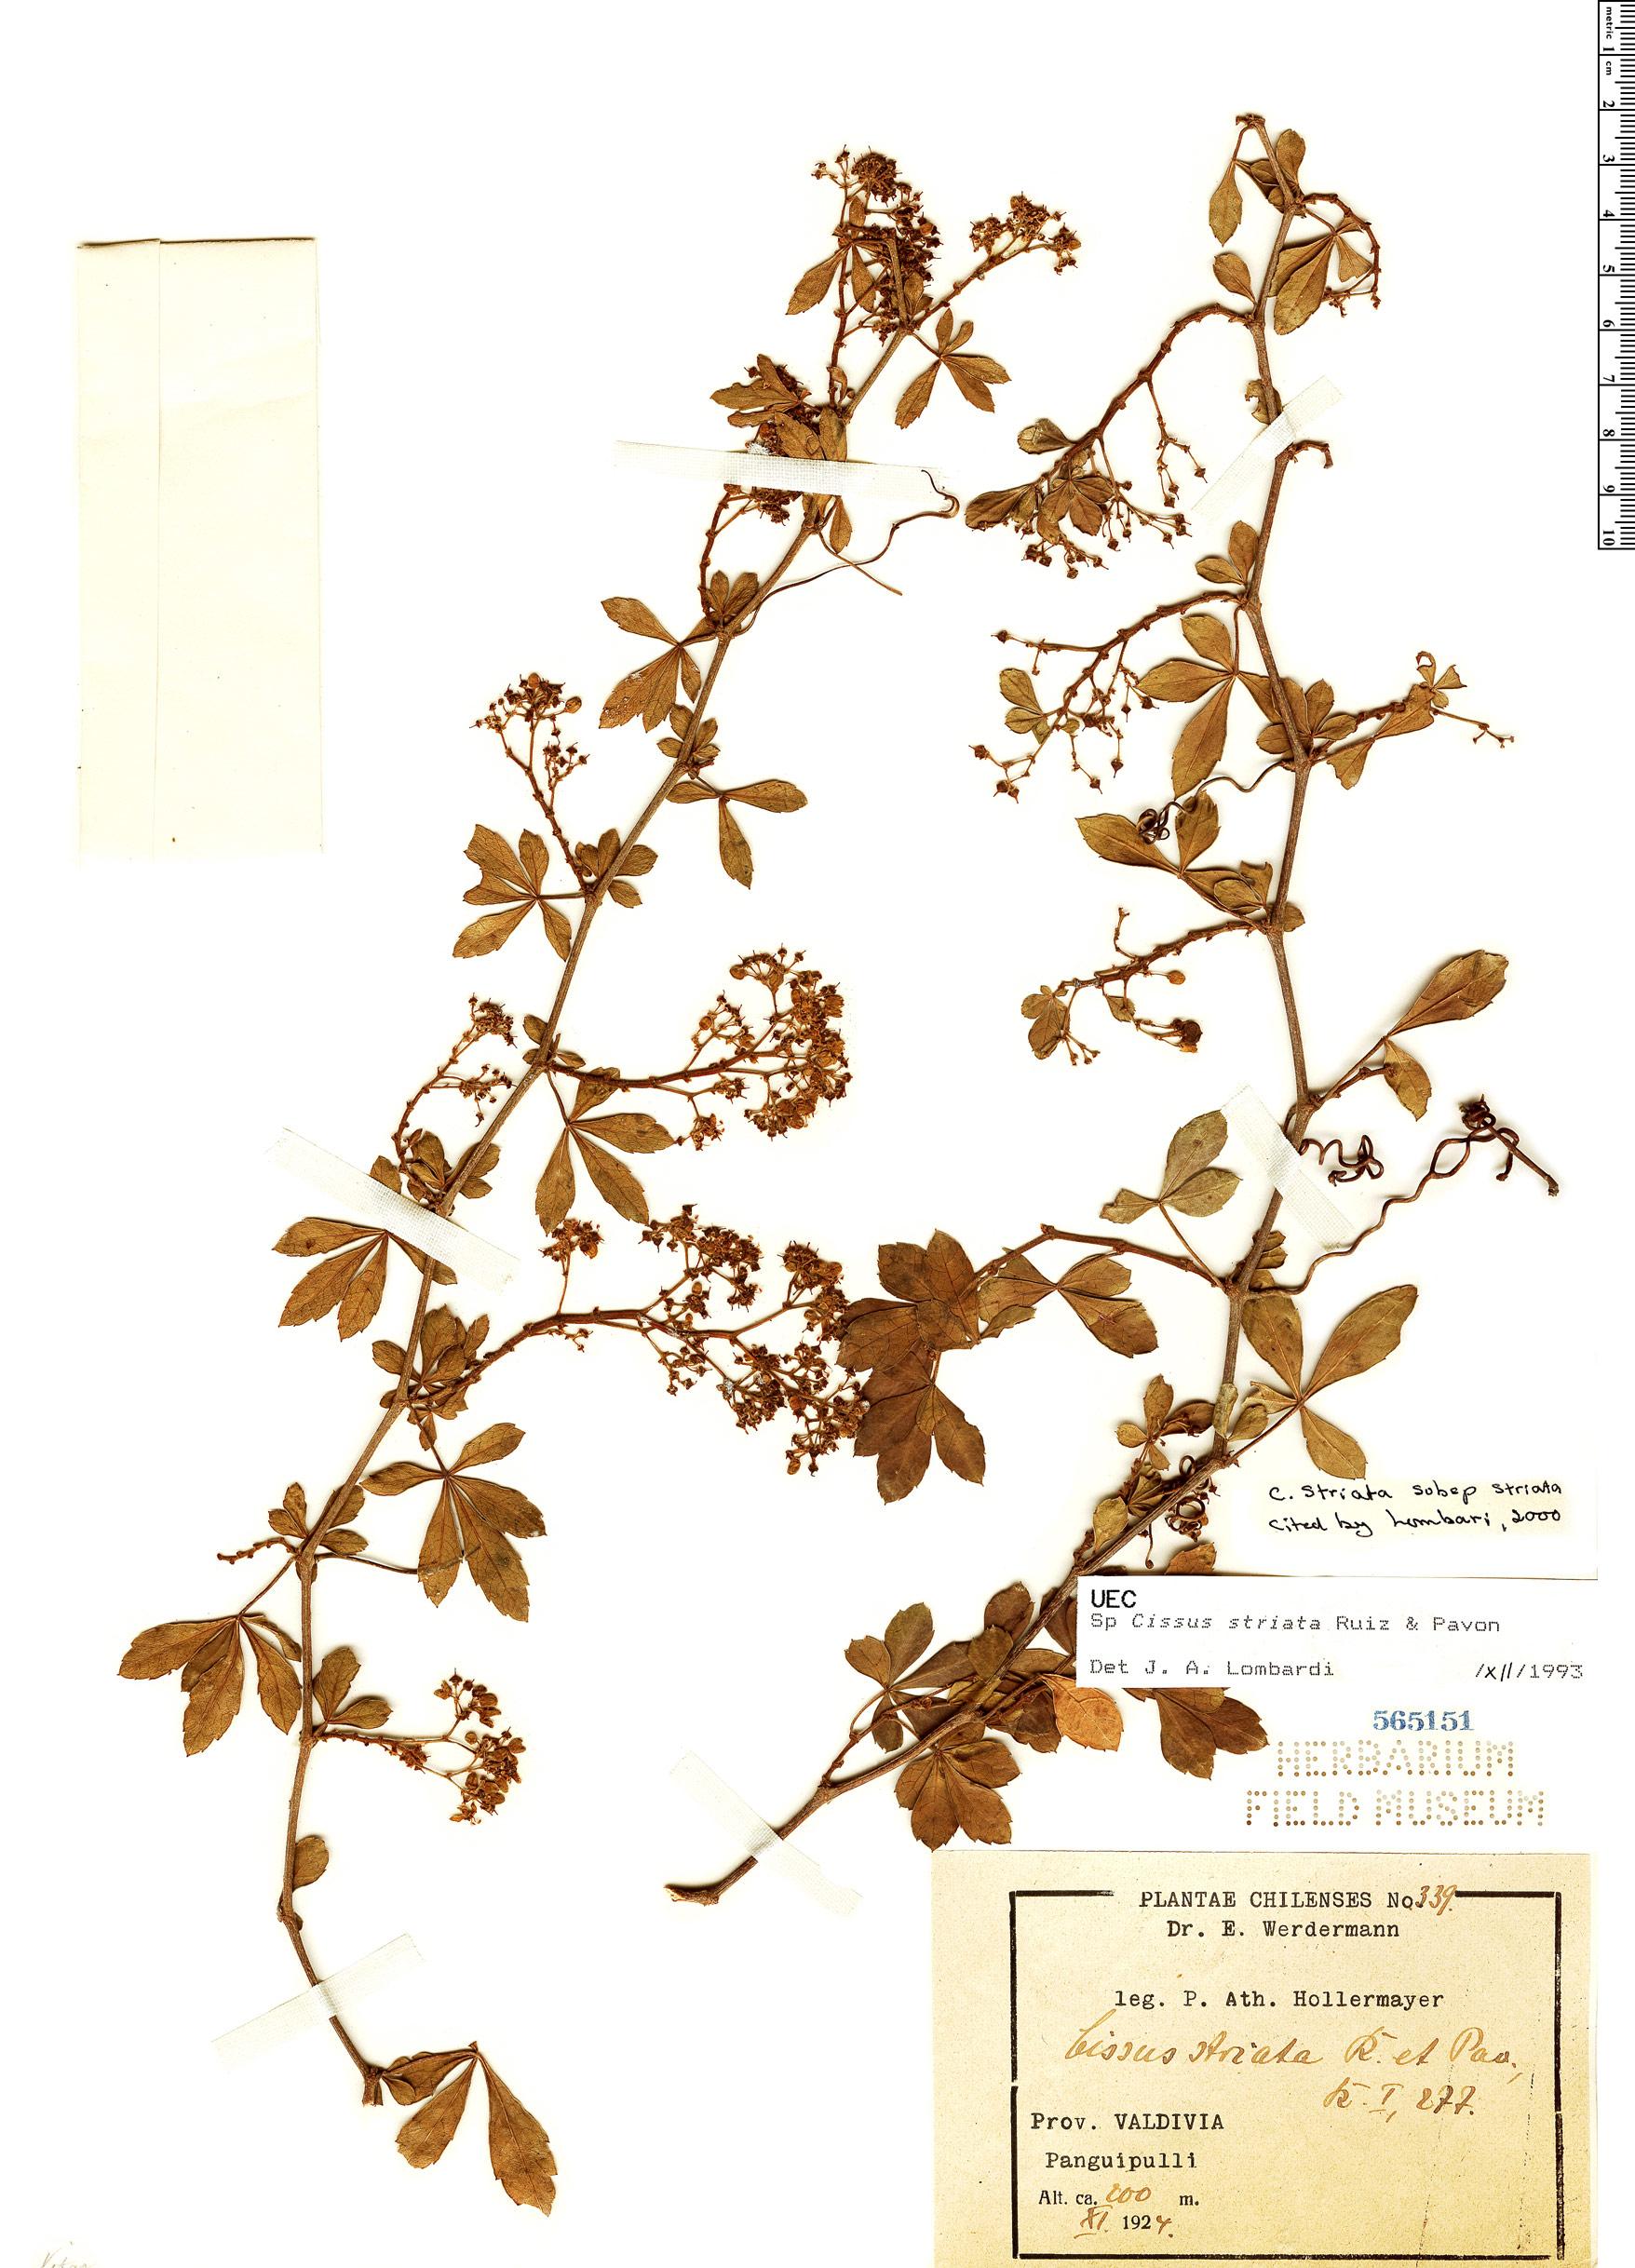 Specimen: Cissus striata